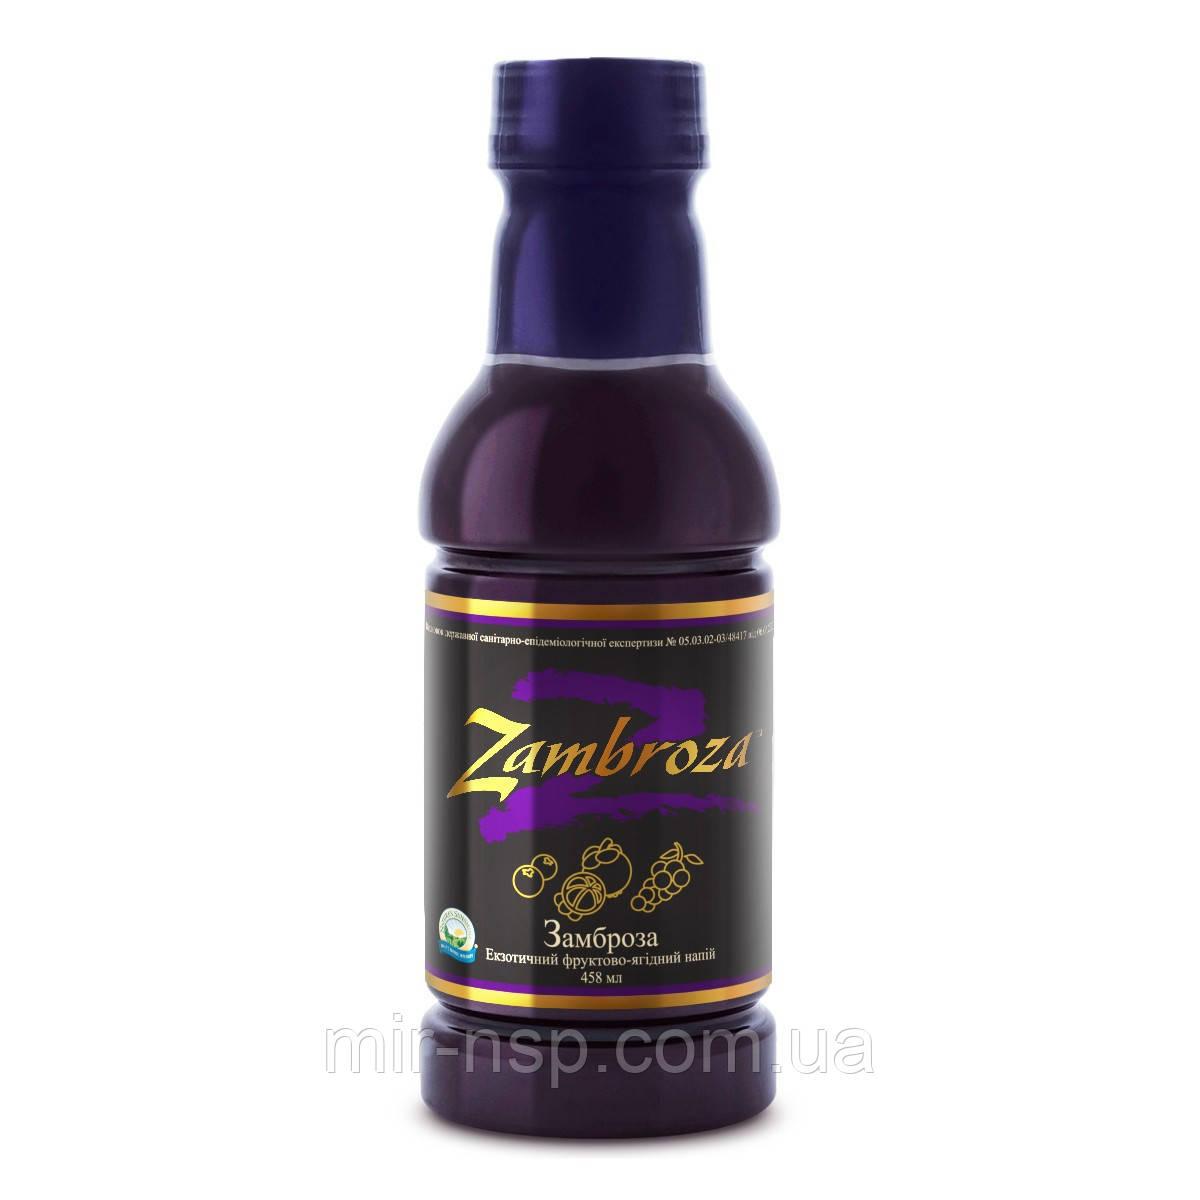 Замброза nsp (Zambroza, товары для детей)